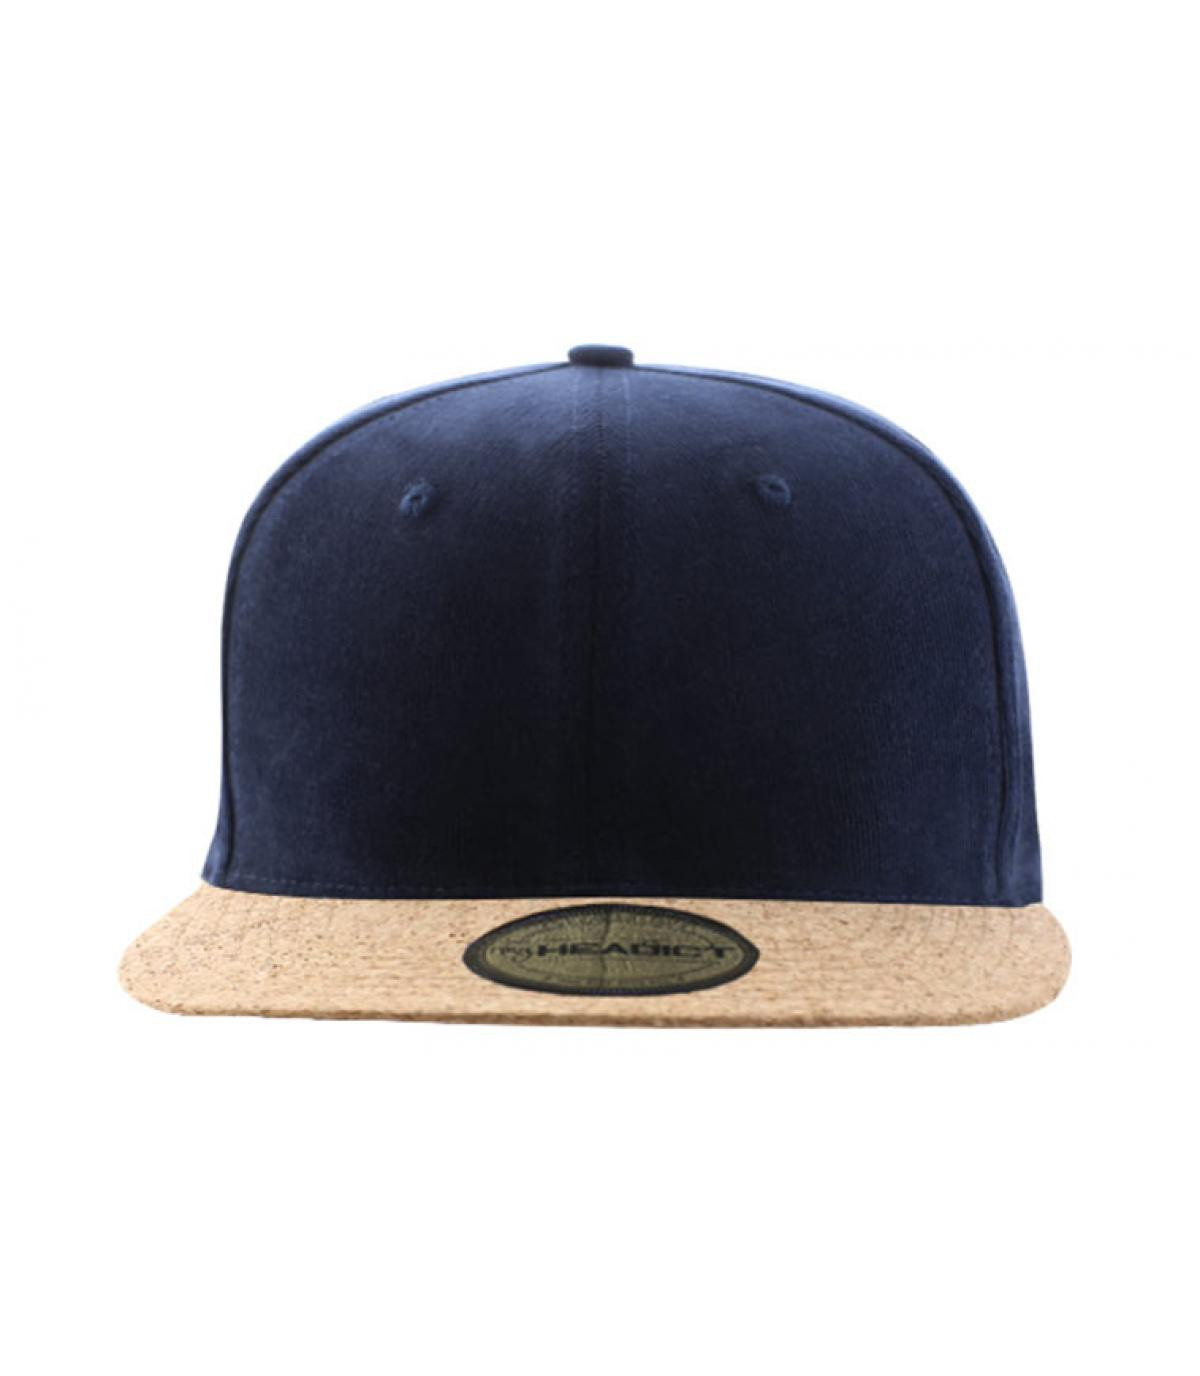 Snapback marineblau Kork